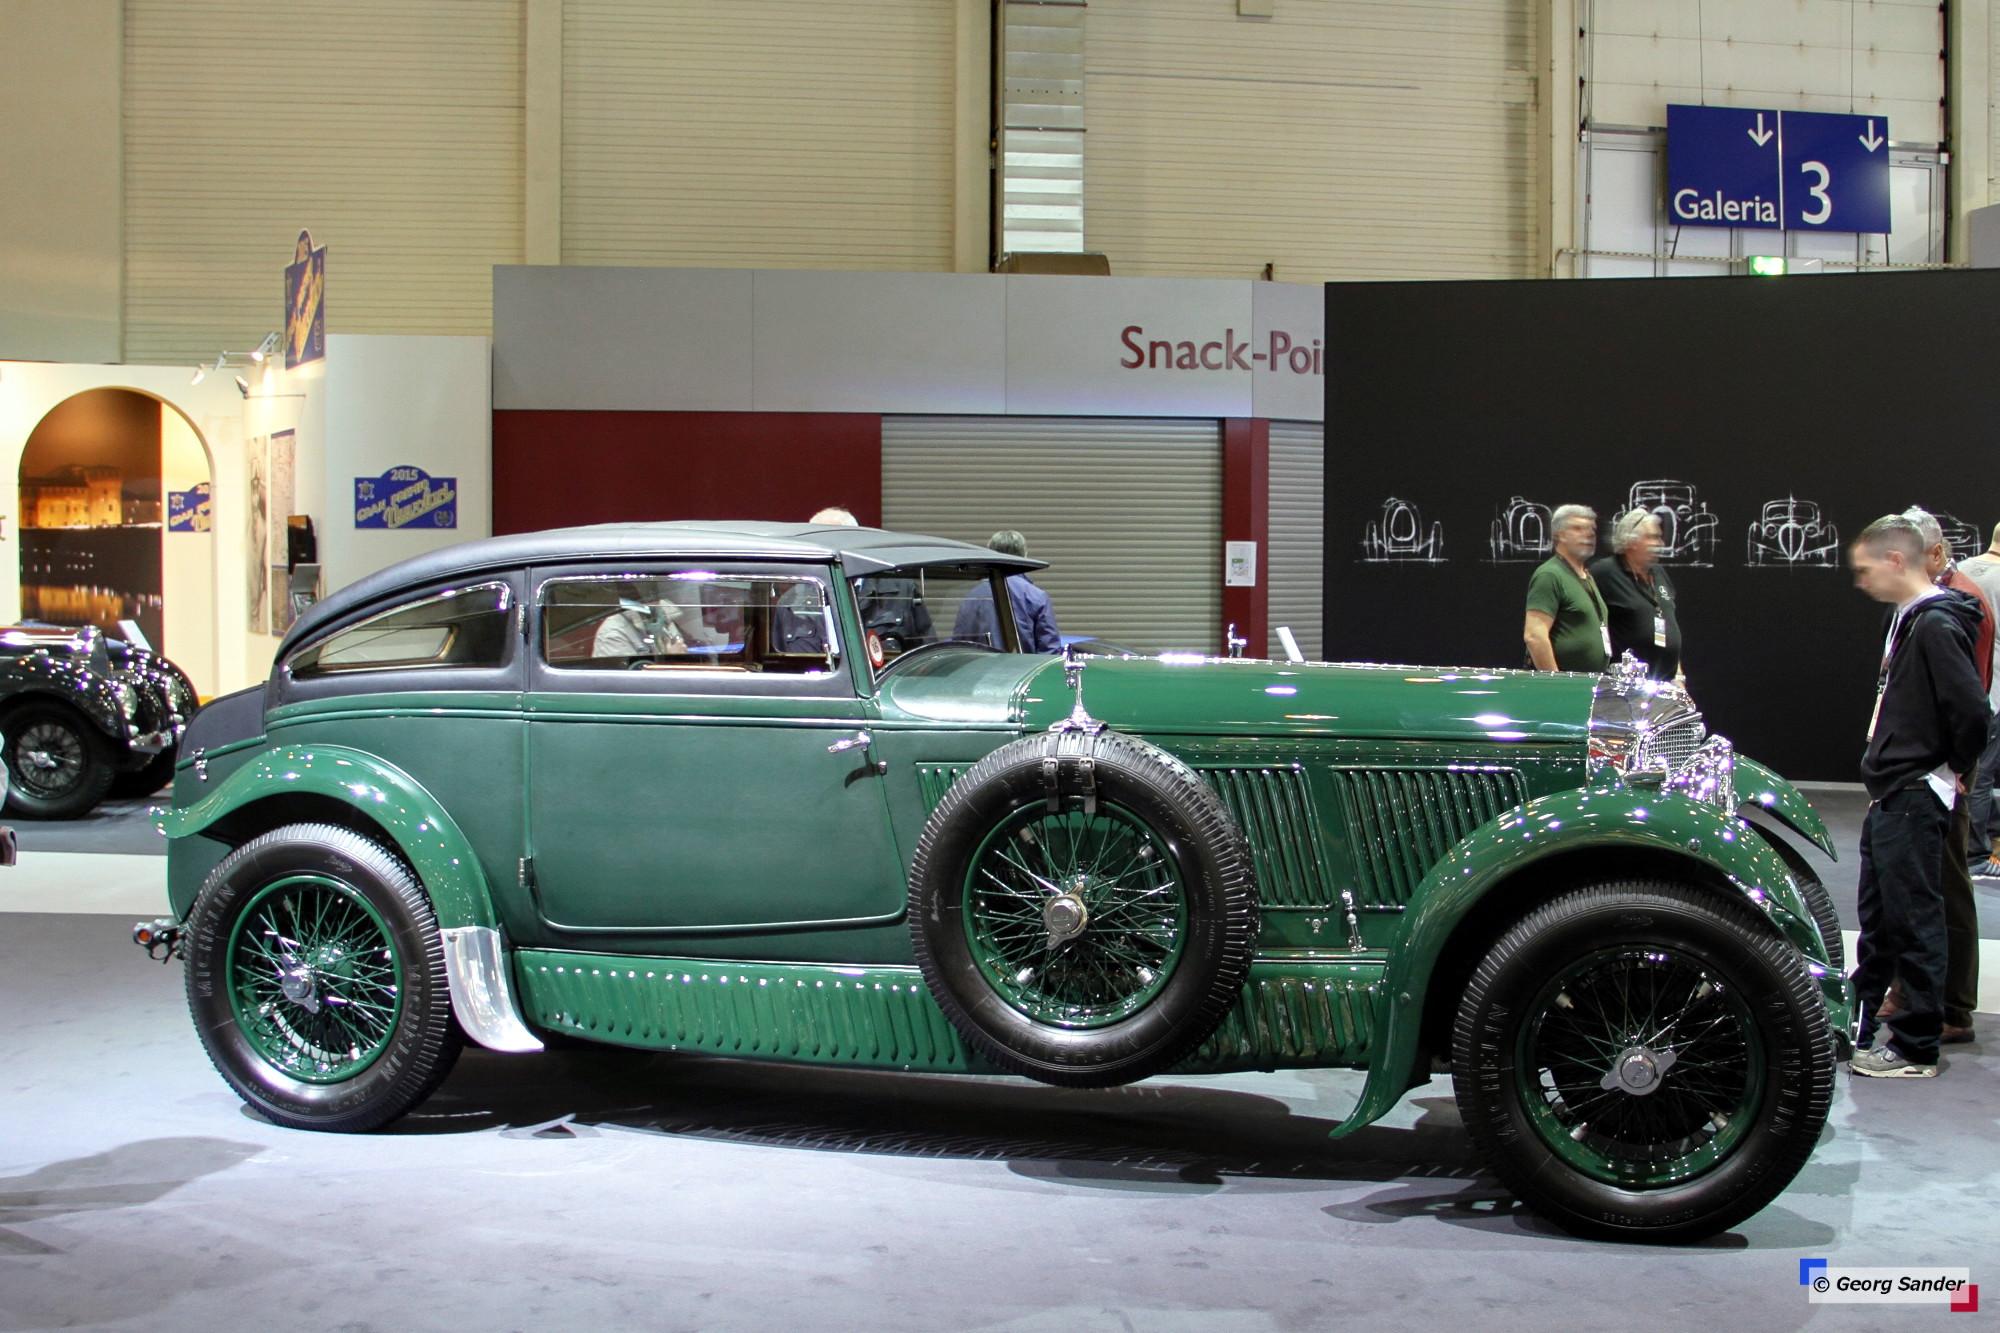 fond d 39 cran des photos auto montrer vieux bleu fond d 39 cran classique des voitures. Black Bedroom Furniture Sets. Home Design Ideas